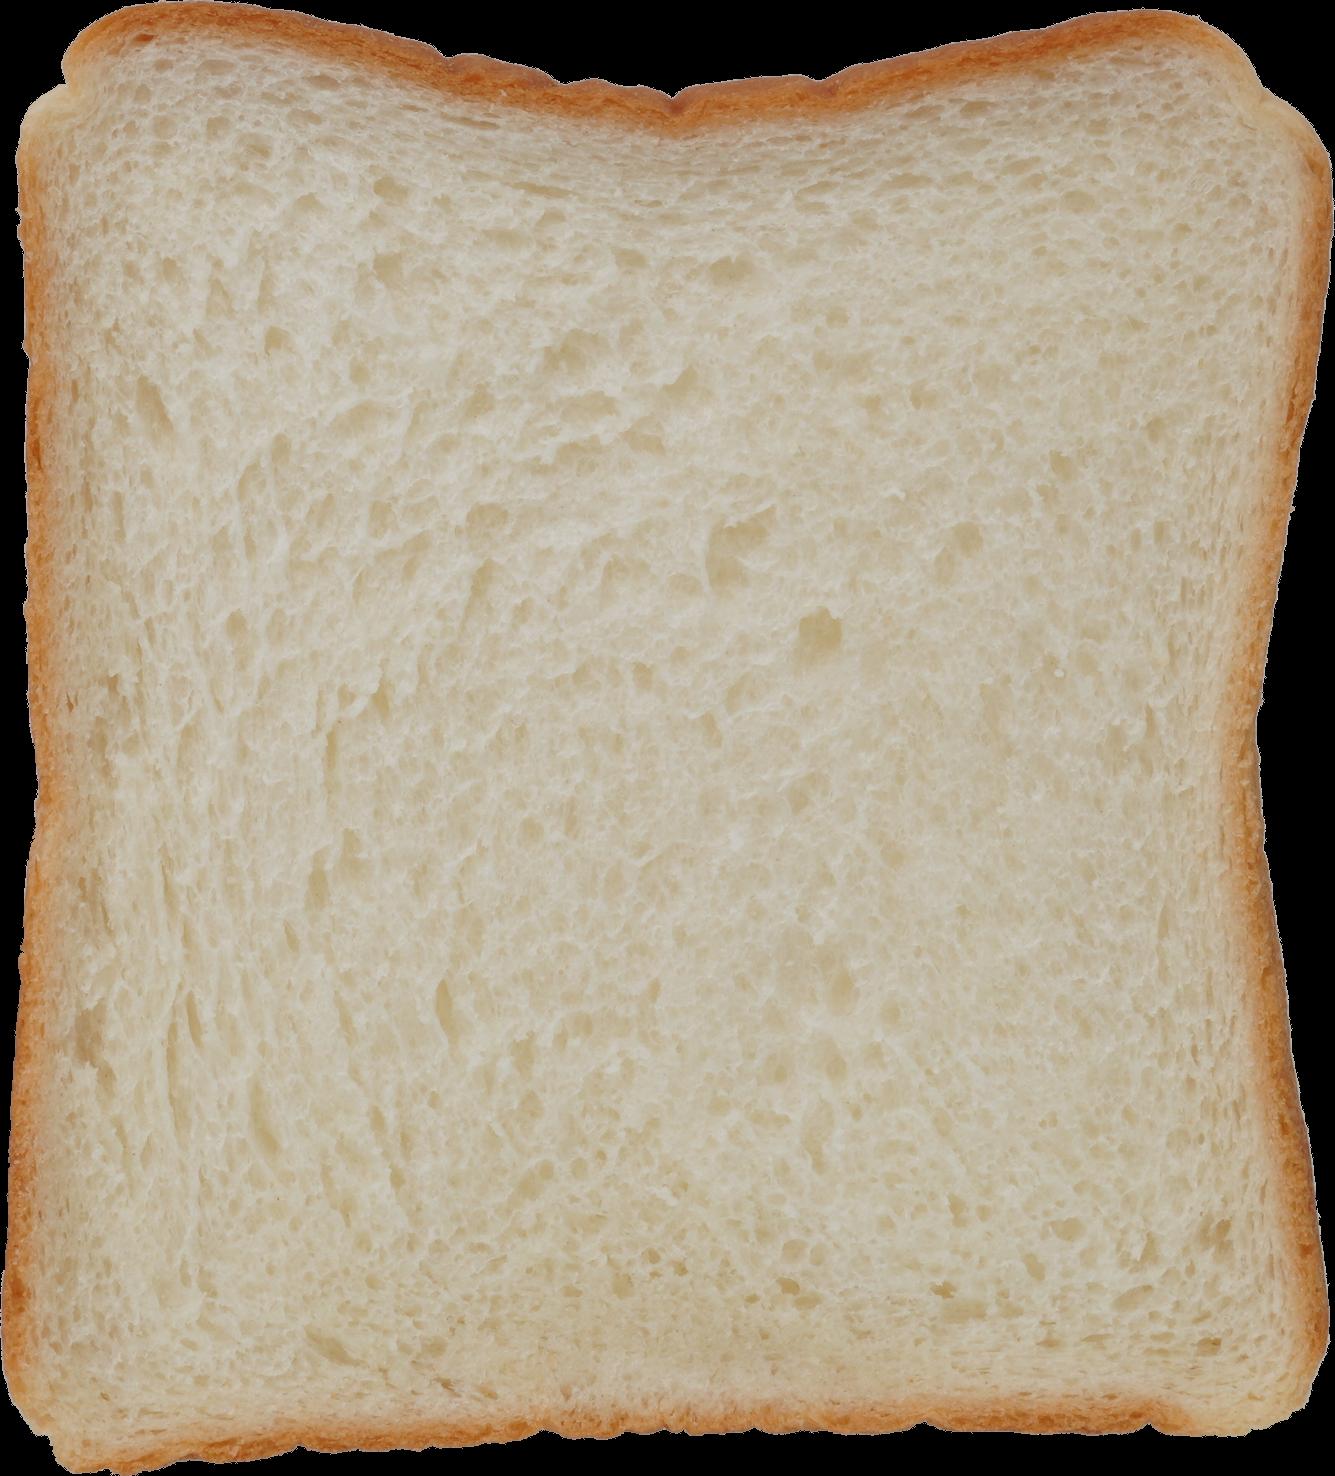 食パン|商用可フリー画像・背景透過